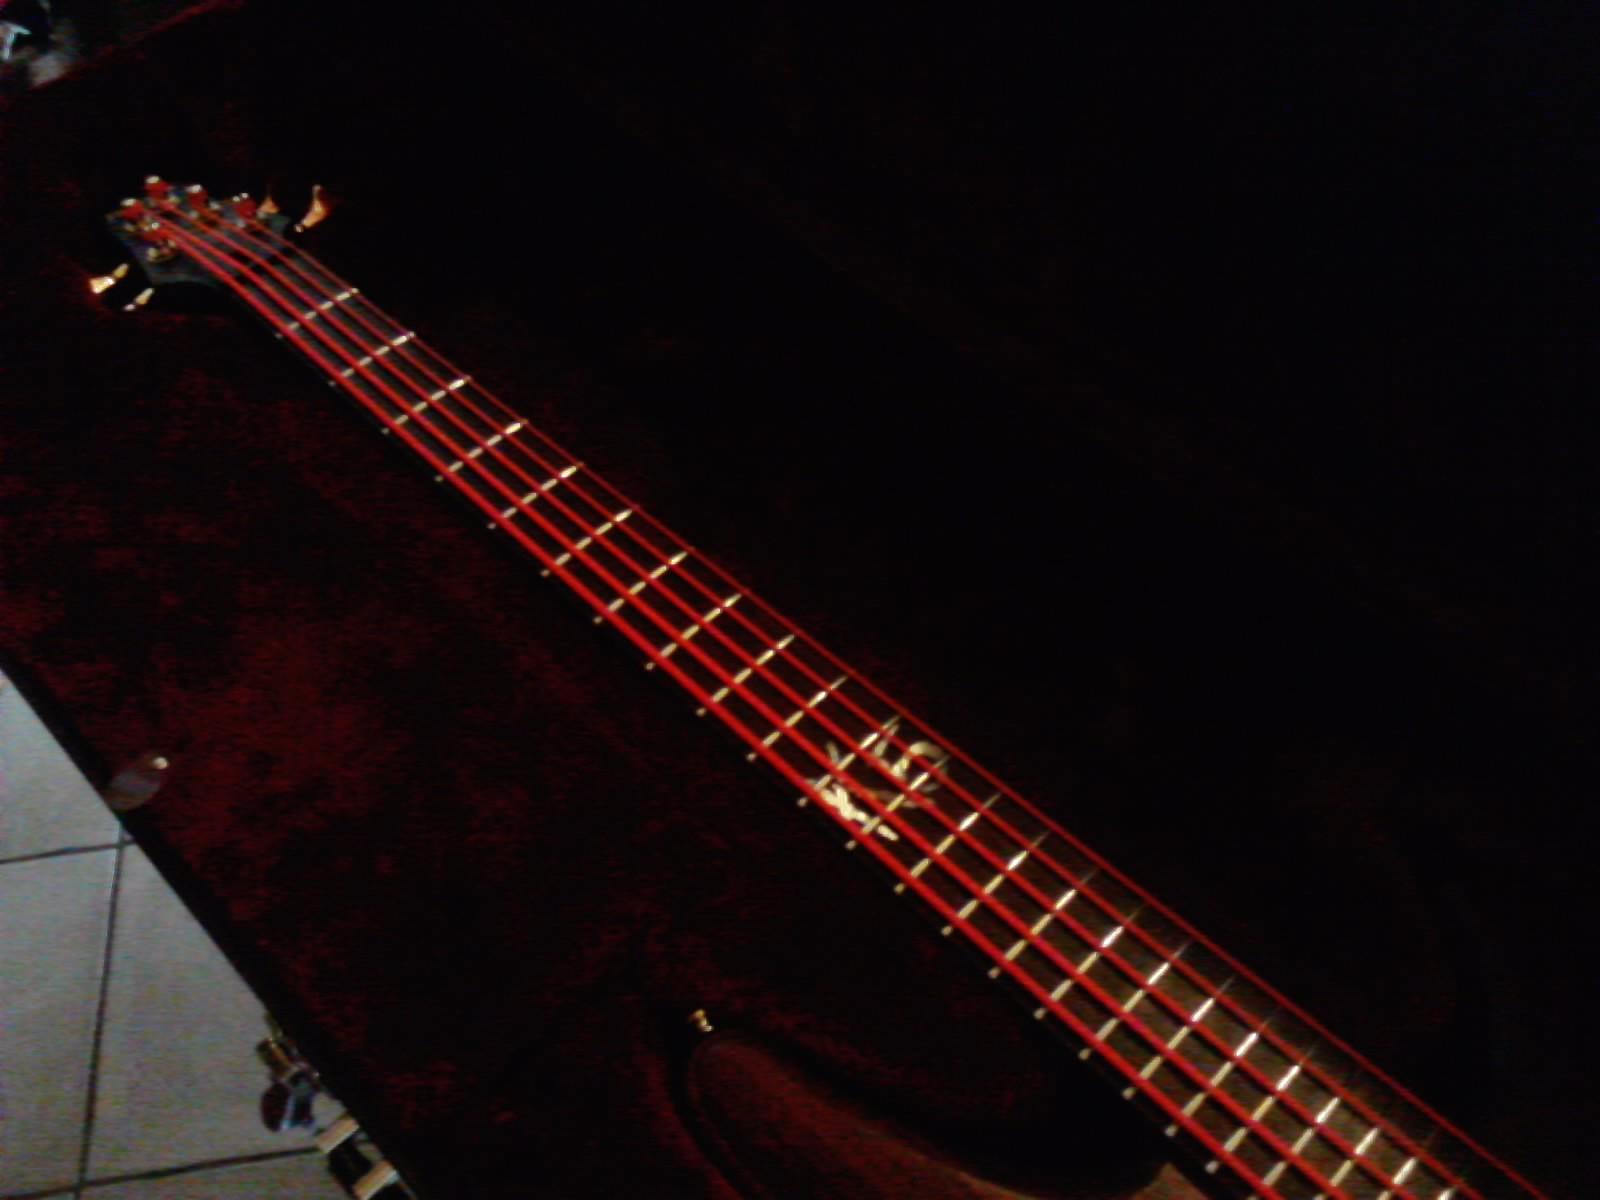 dr strings k3 neon hi def orange bass nob 40 lite 40 100 image 454482 audiofanzine. Black Bedroom Furniture Sets. Home Design Ideas